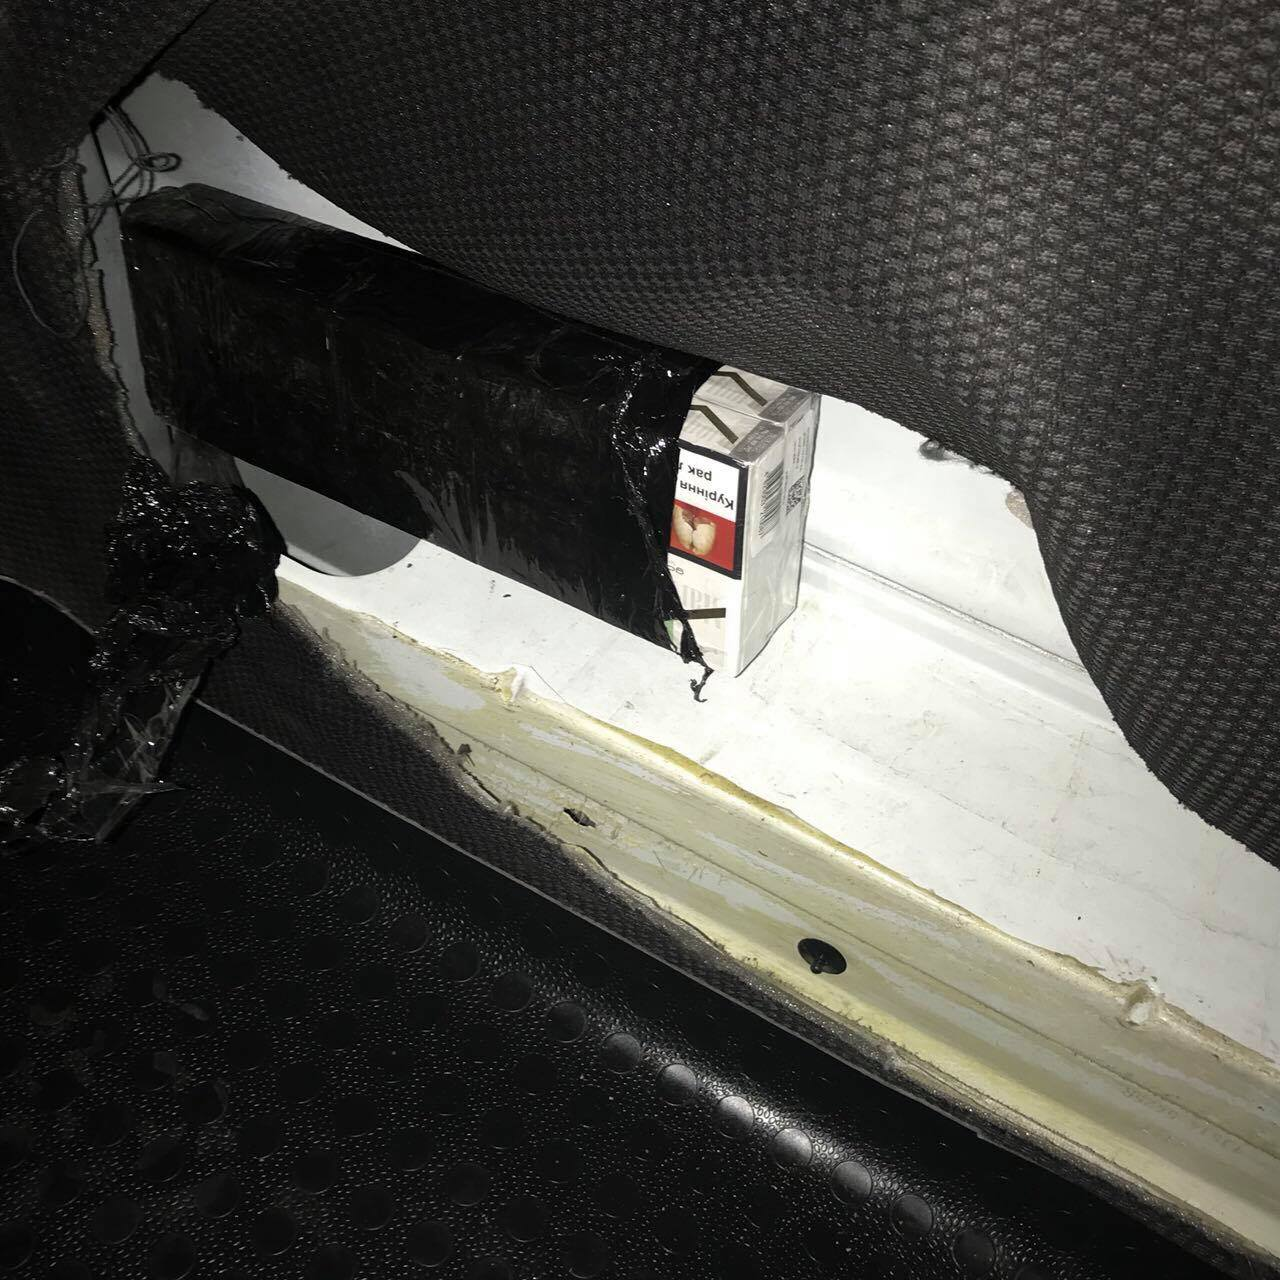 В Закарпатье за контрабанду сигарет изъяли авто стоимостью почти 400 тыс. грн